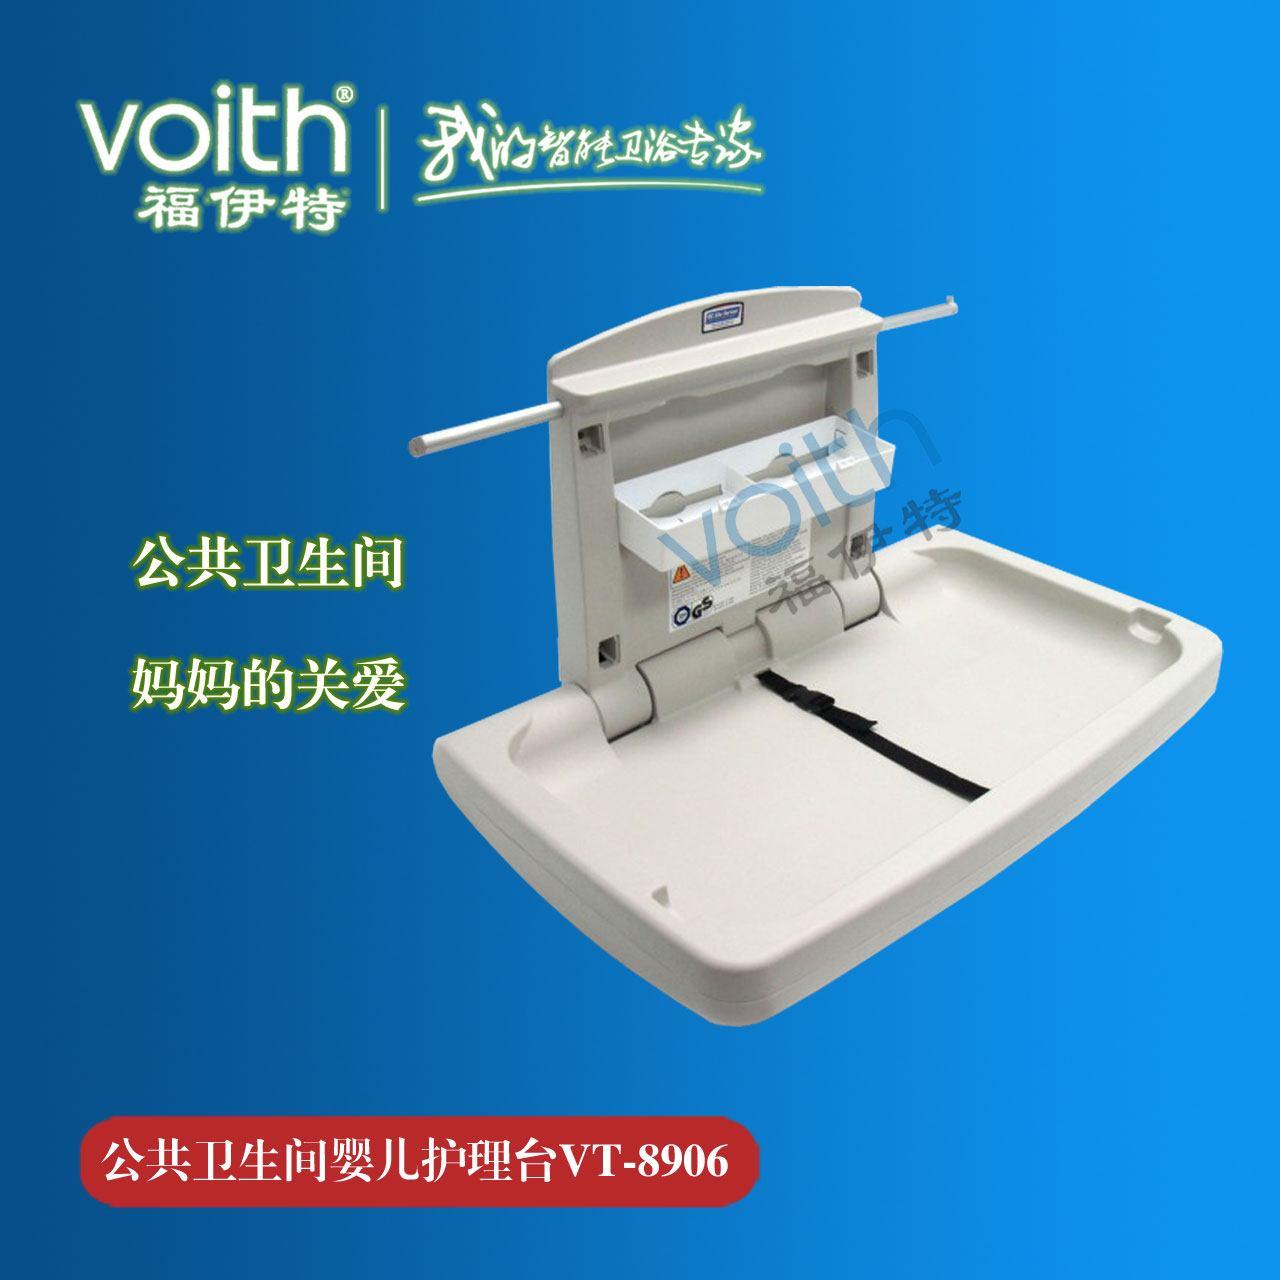 四川成都重庆公共场所卫生间婴儿护理台/婴儿照料台/婴儿换尿布台福伊特VOITH